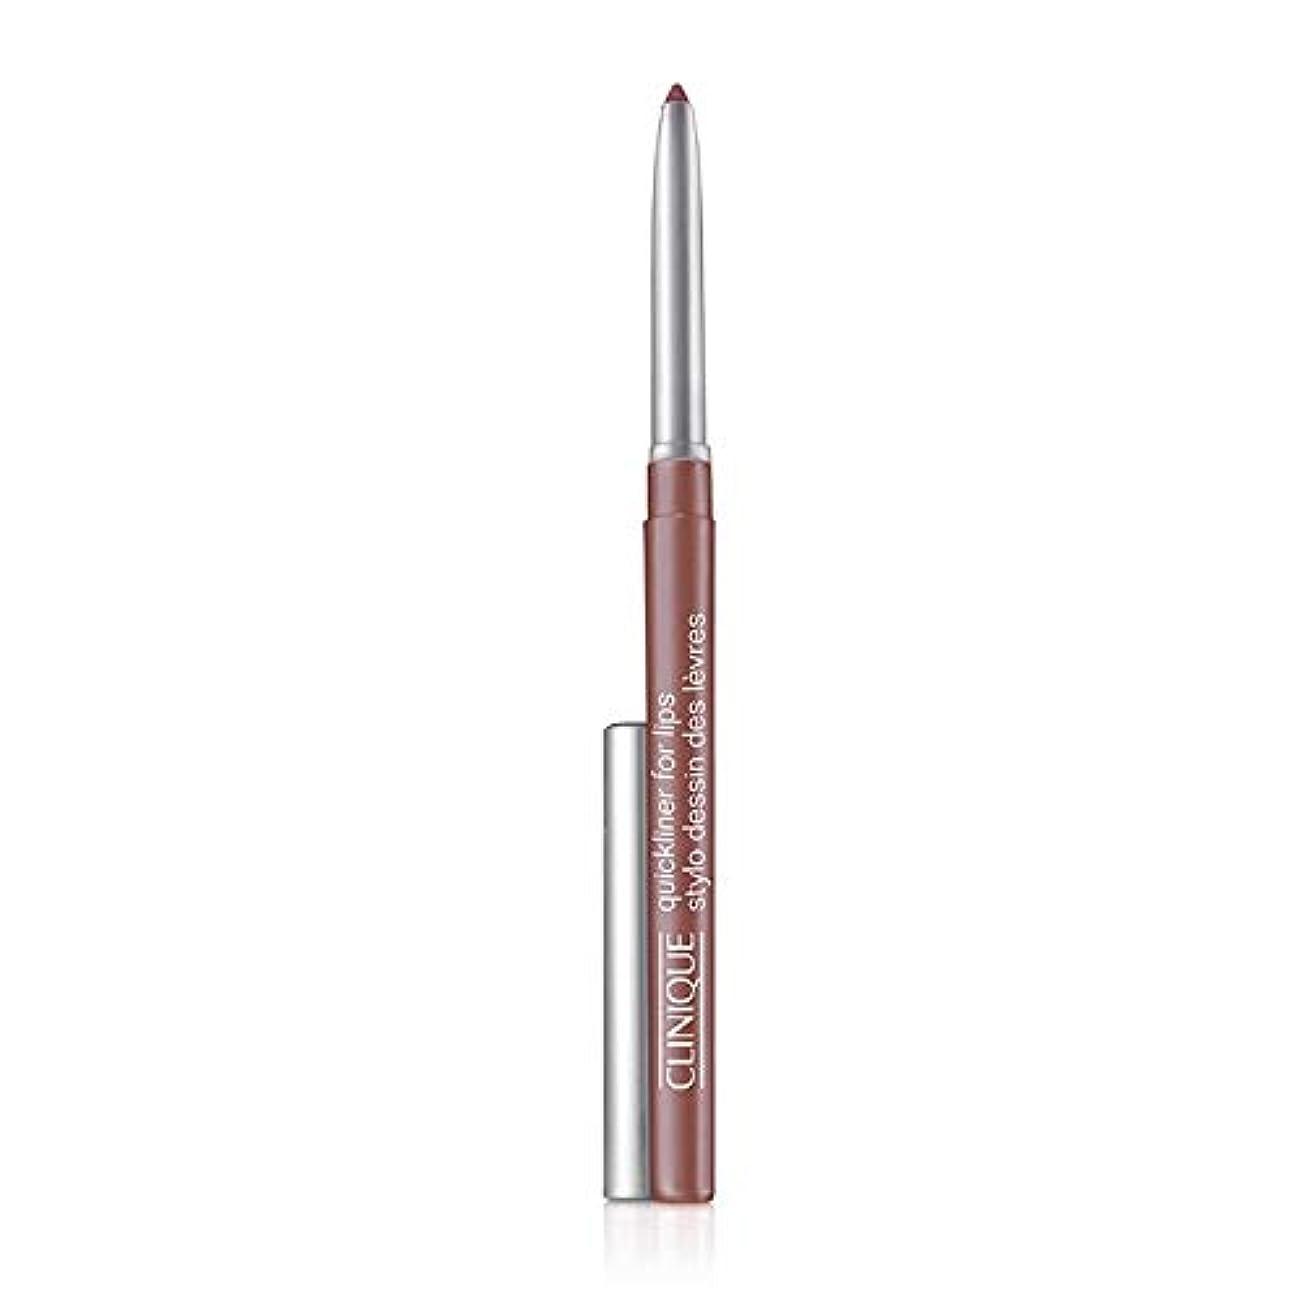 フィードオン混合サービスクリニーク Quickliner For Lips - 50 Figgy 0.3g/0.01oz並行輸入品